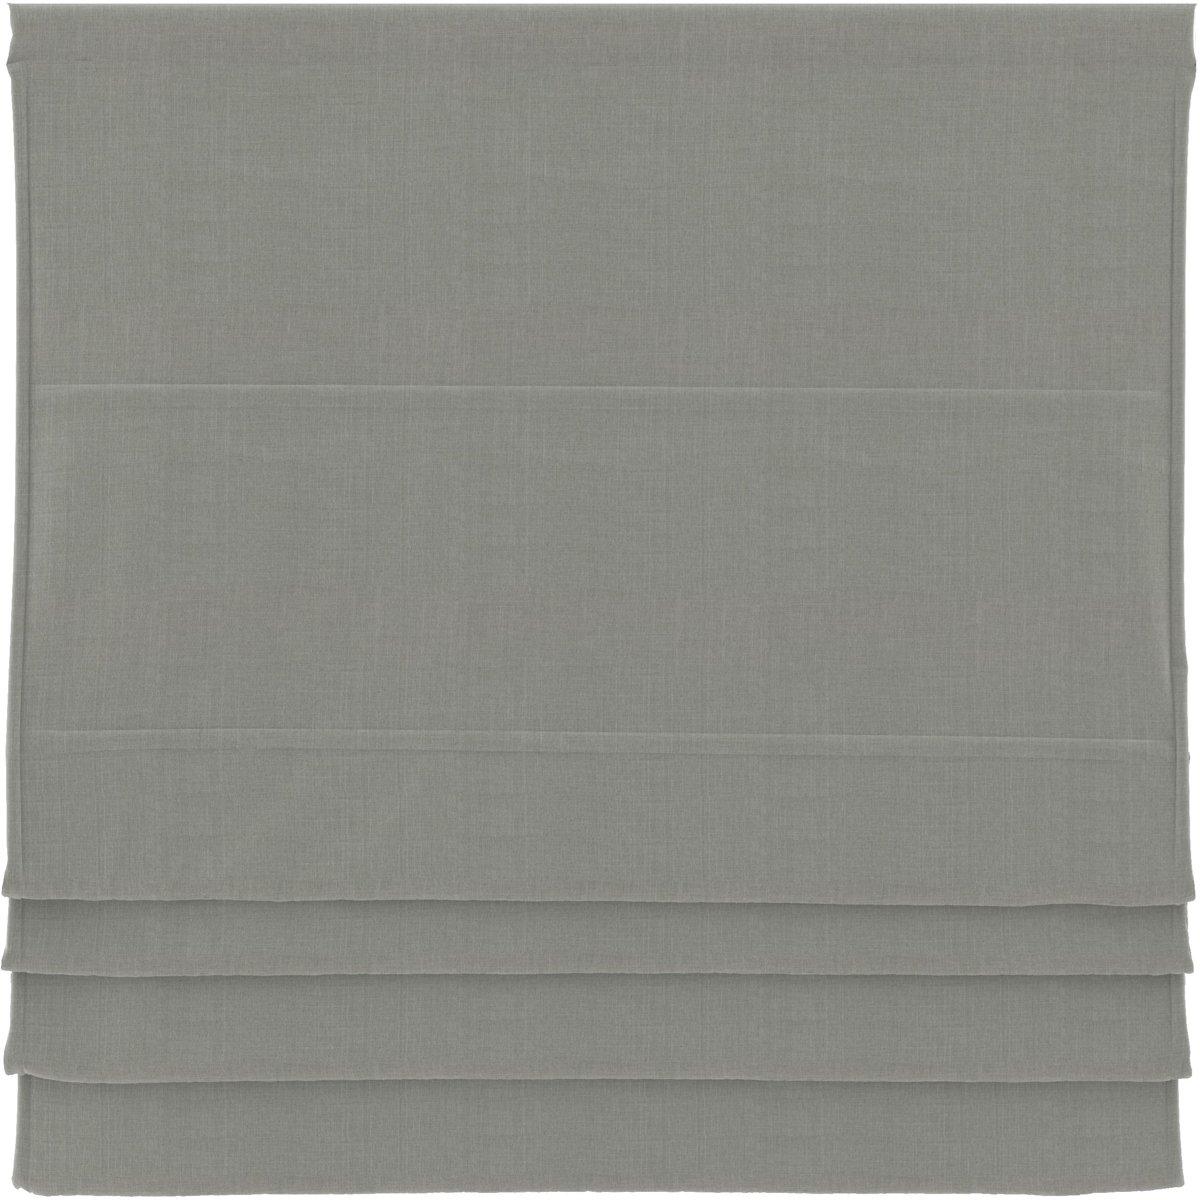 Vouwgordijnen - Grijs - Verduisterend - 180x180 cm kopen